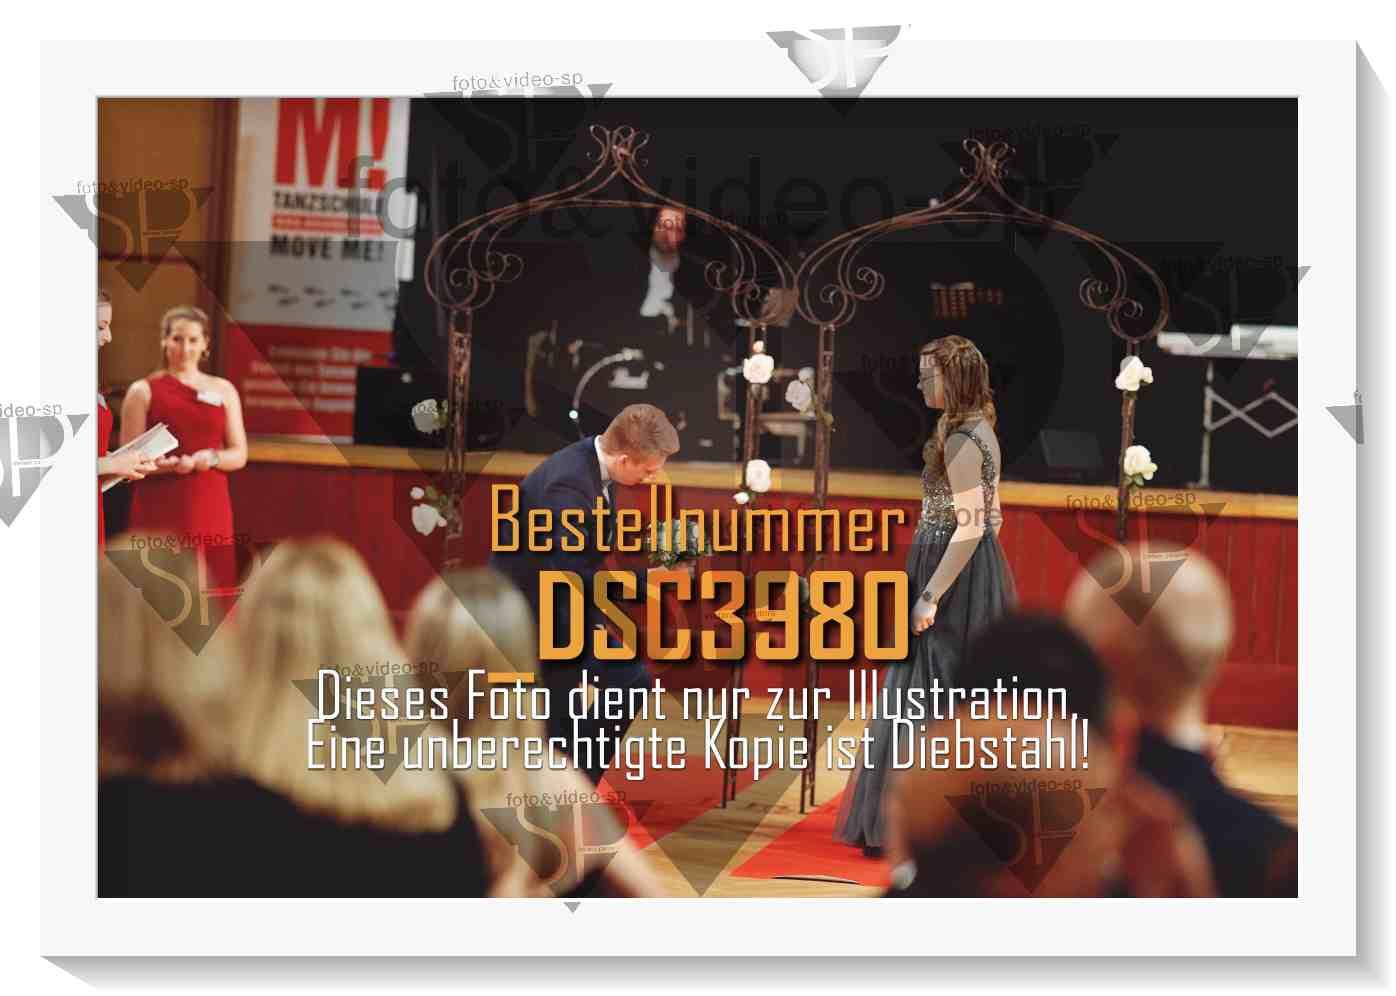 DSC3980